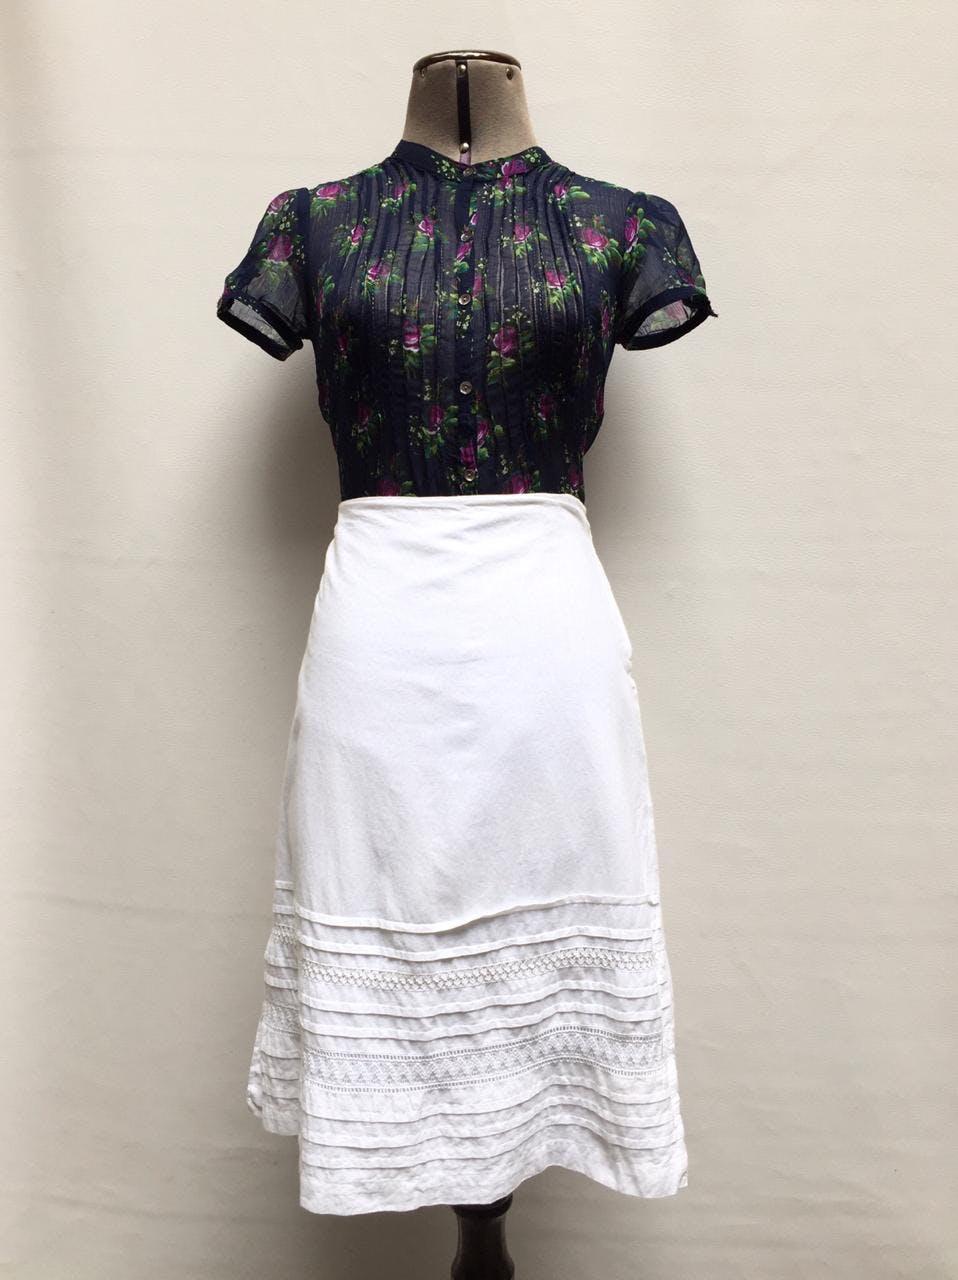 Falda a la rodilla blanca 100% algodón, doble capa de tela, con plisado y bordado en la basta delantera. Hermosa! Talla M